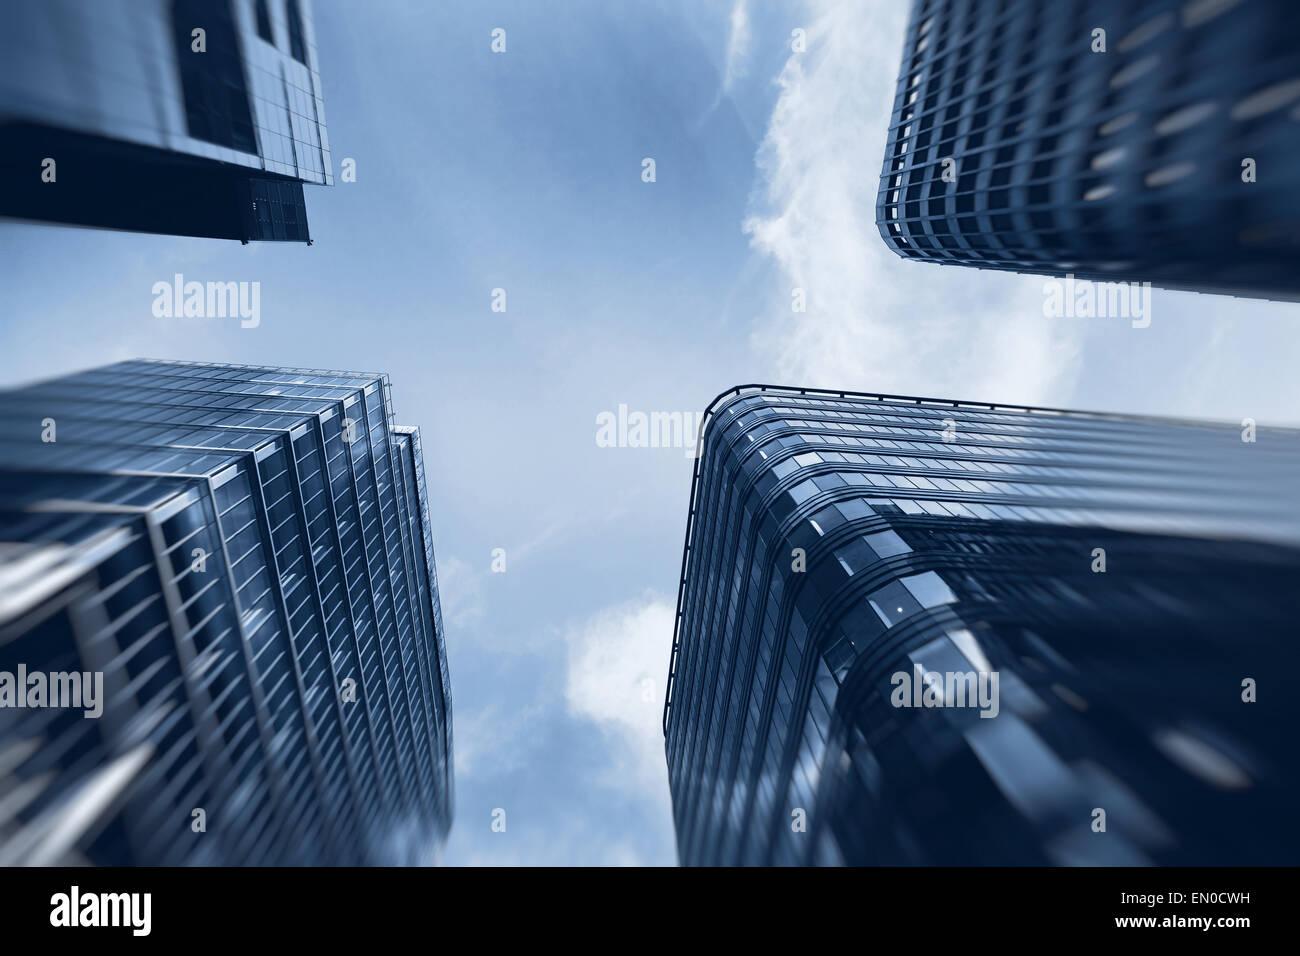 Les bâtiments d'entreprise de haute technologie Photo Stock